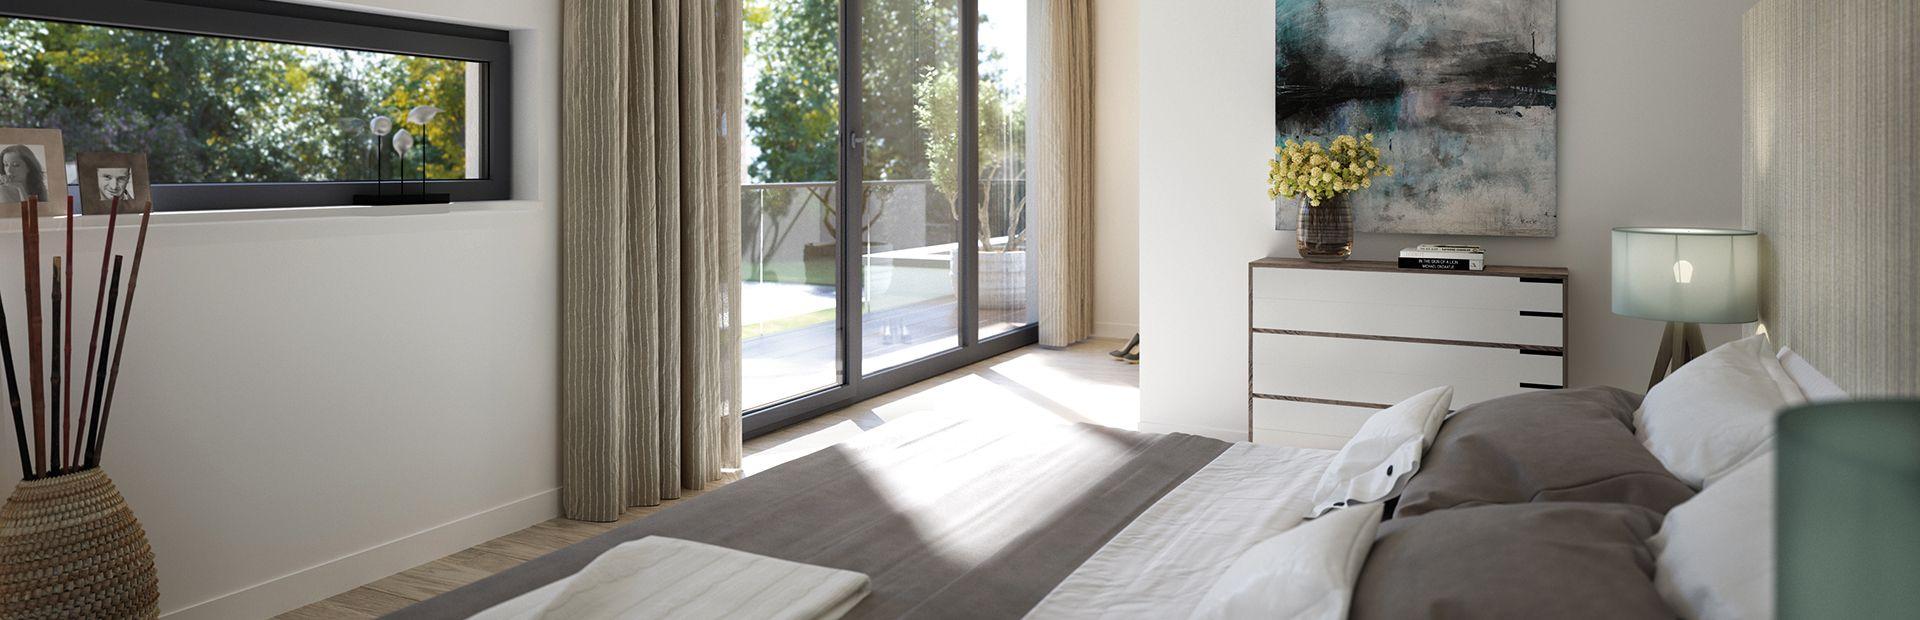 Full Size of Schlafzimmer Gestalten Individuell Einrichten Und Lassen Klimagerät Für Deckenleuchte Set Gardinen Mit Boxspringbett Schranksysteme Komplett Günstig Wohnzimmer Schlafzimmer Gestalten